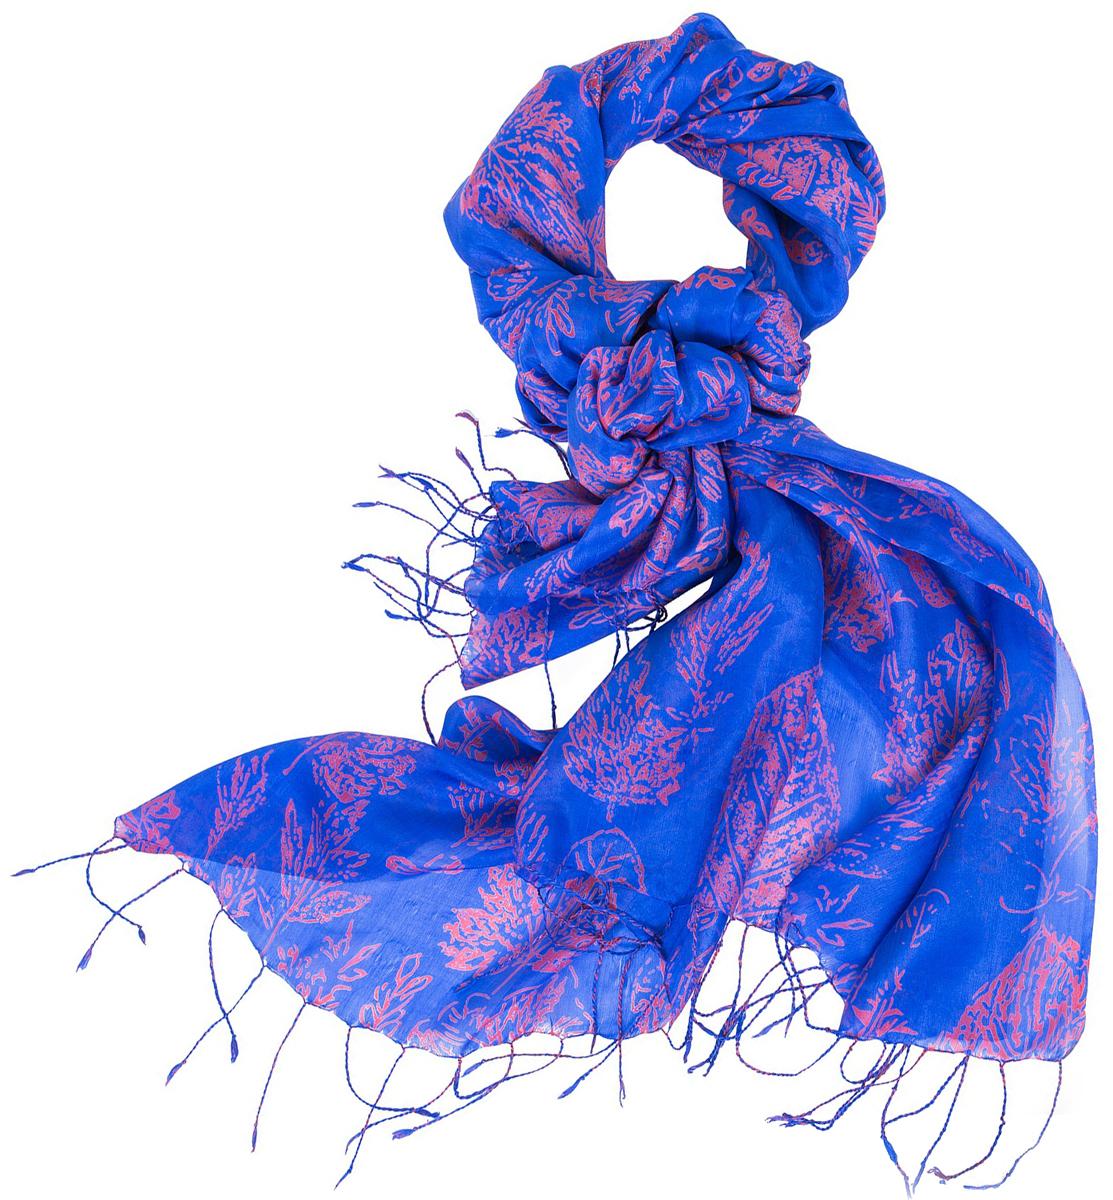 Палантин женский Michel Katana, цвет: мультиколор. S20-LEAF/BLUE. Размер 110 x 180 см